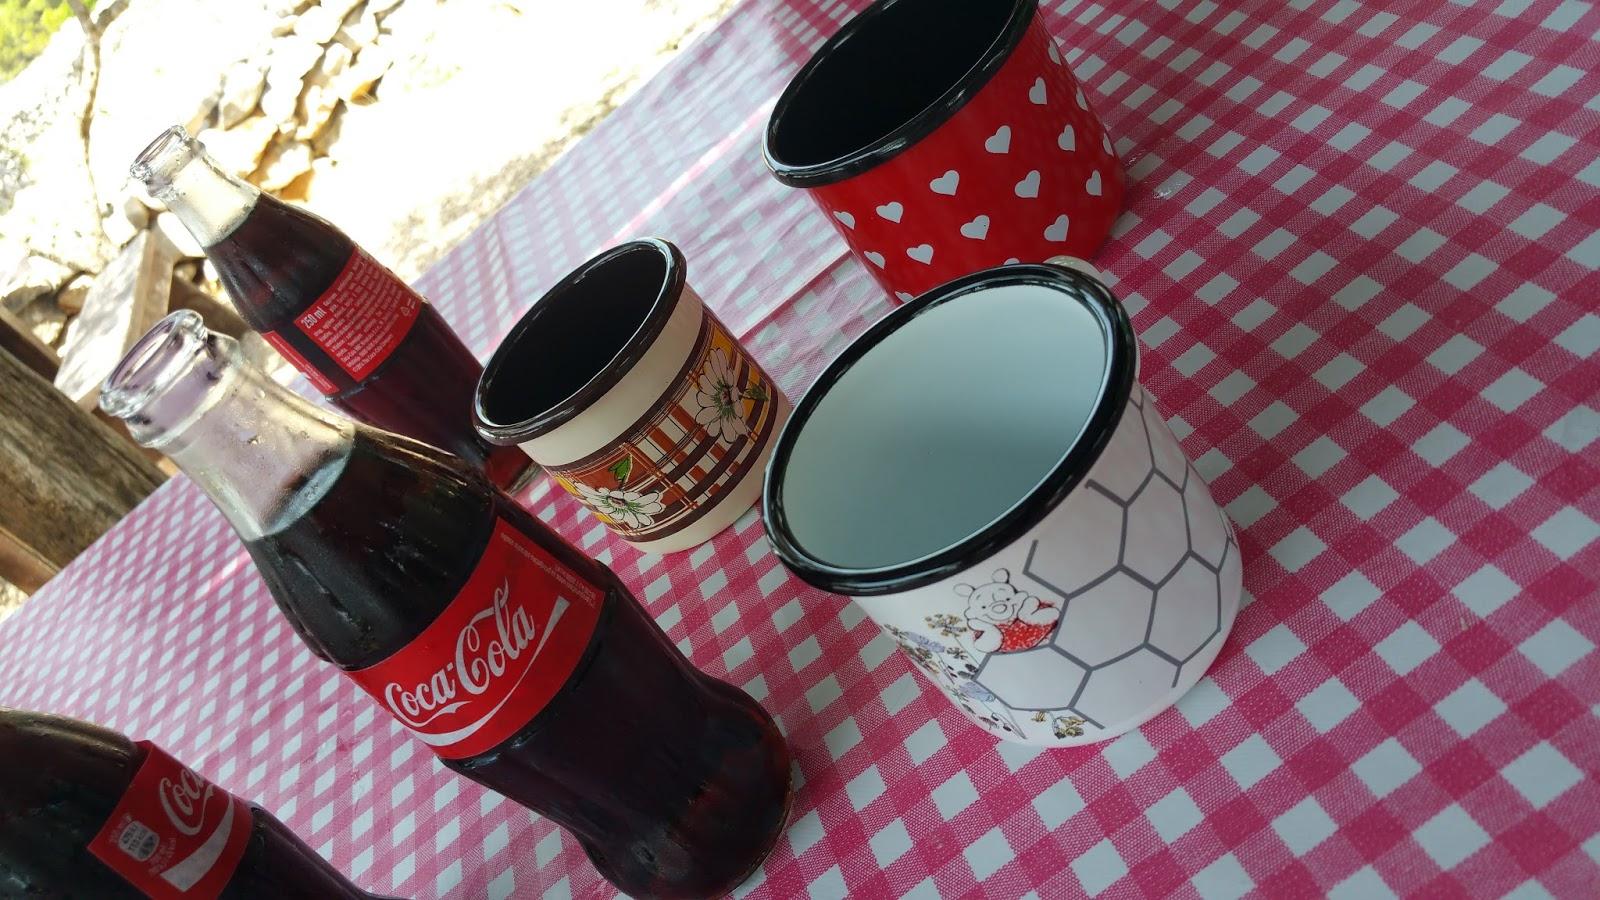 Urige Blechbecher mit Cola Flaschen